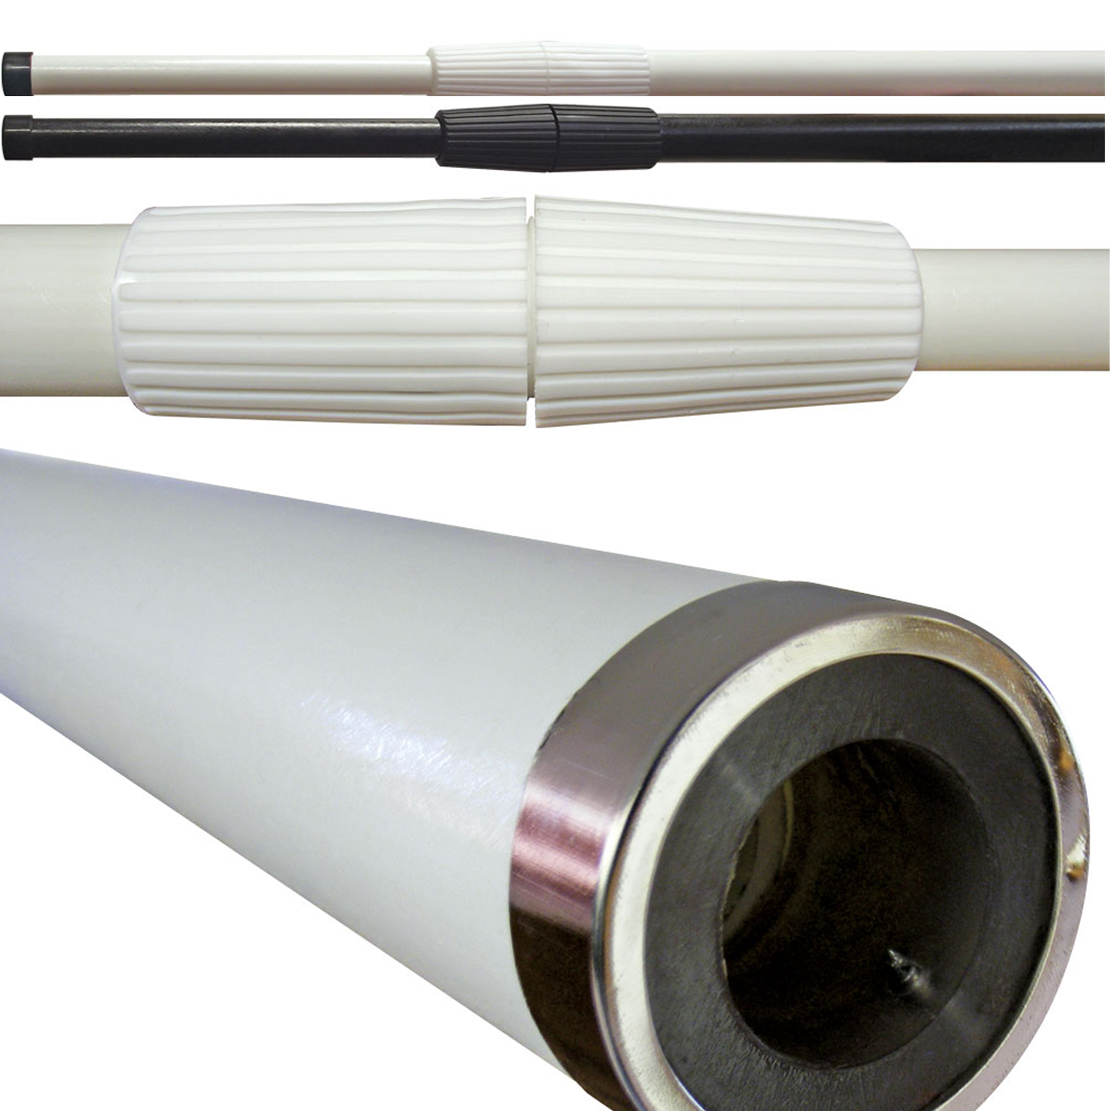 Telescoping Flagpoles